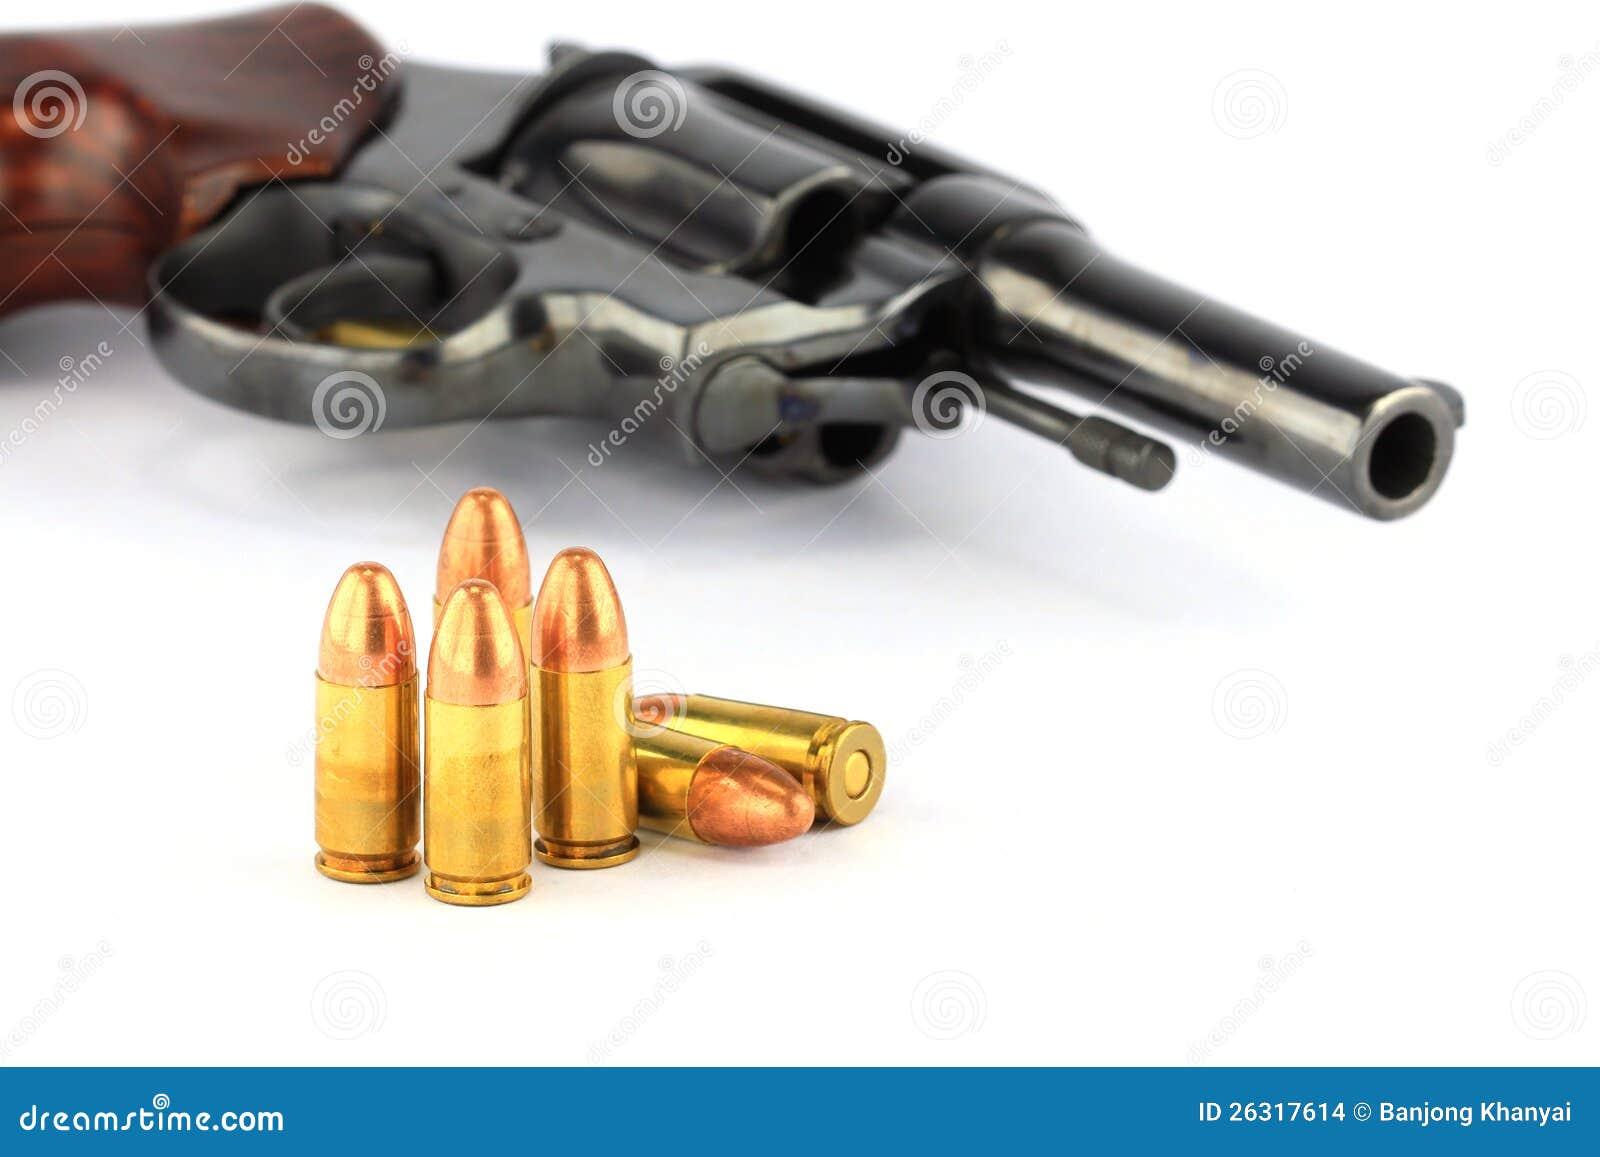 Rewolwerowy pistolecik i pociski